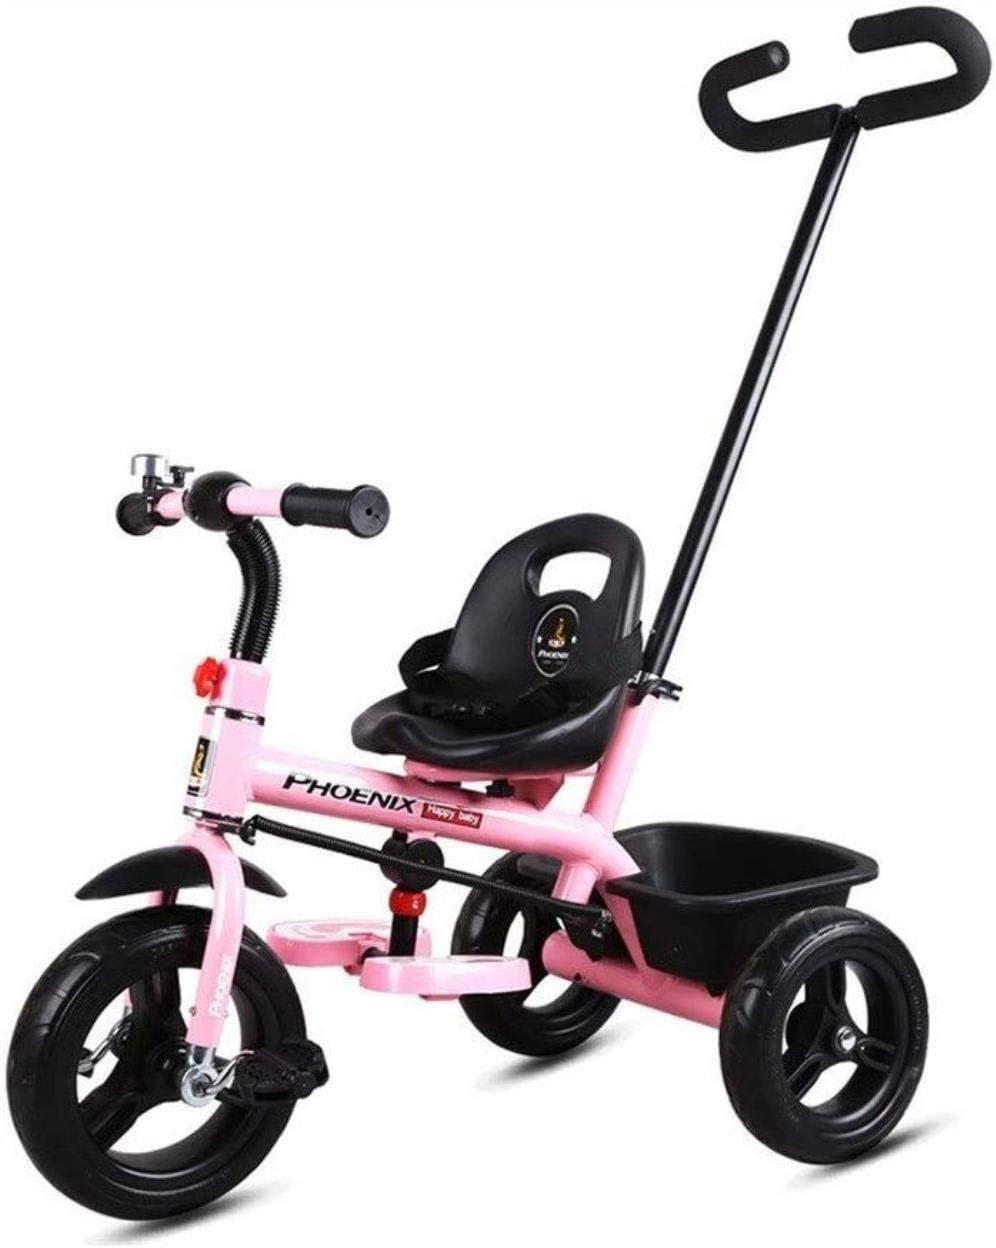 Archivadores Bicicletas Caballo triciclos Infantiles for niños pequeños 4-en-1 de Empuje y Paseo Cochecito de bebé al Aire Libre Triciclo Triciclo de Bicicletas Apto for niños de 1-3-6 años Artículos